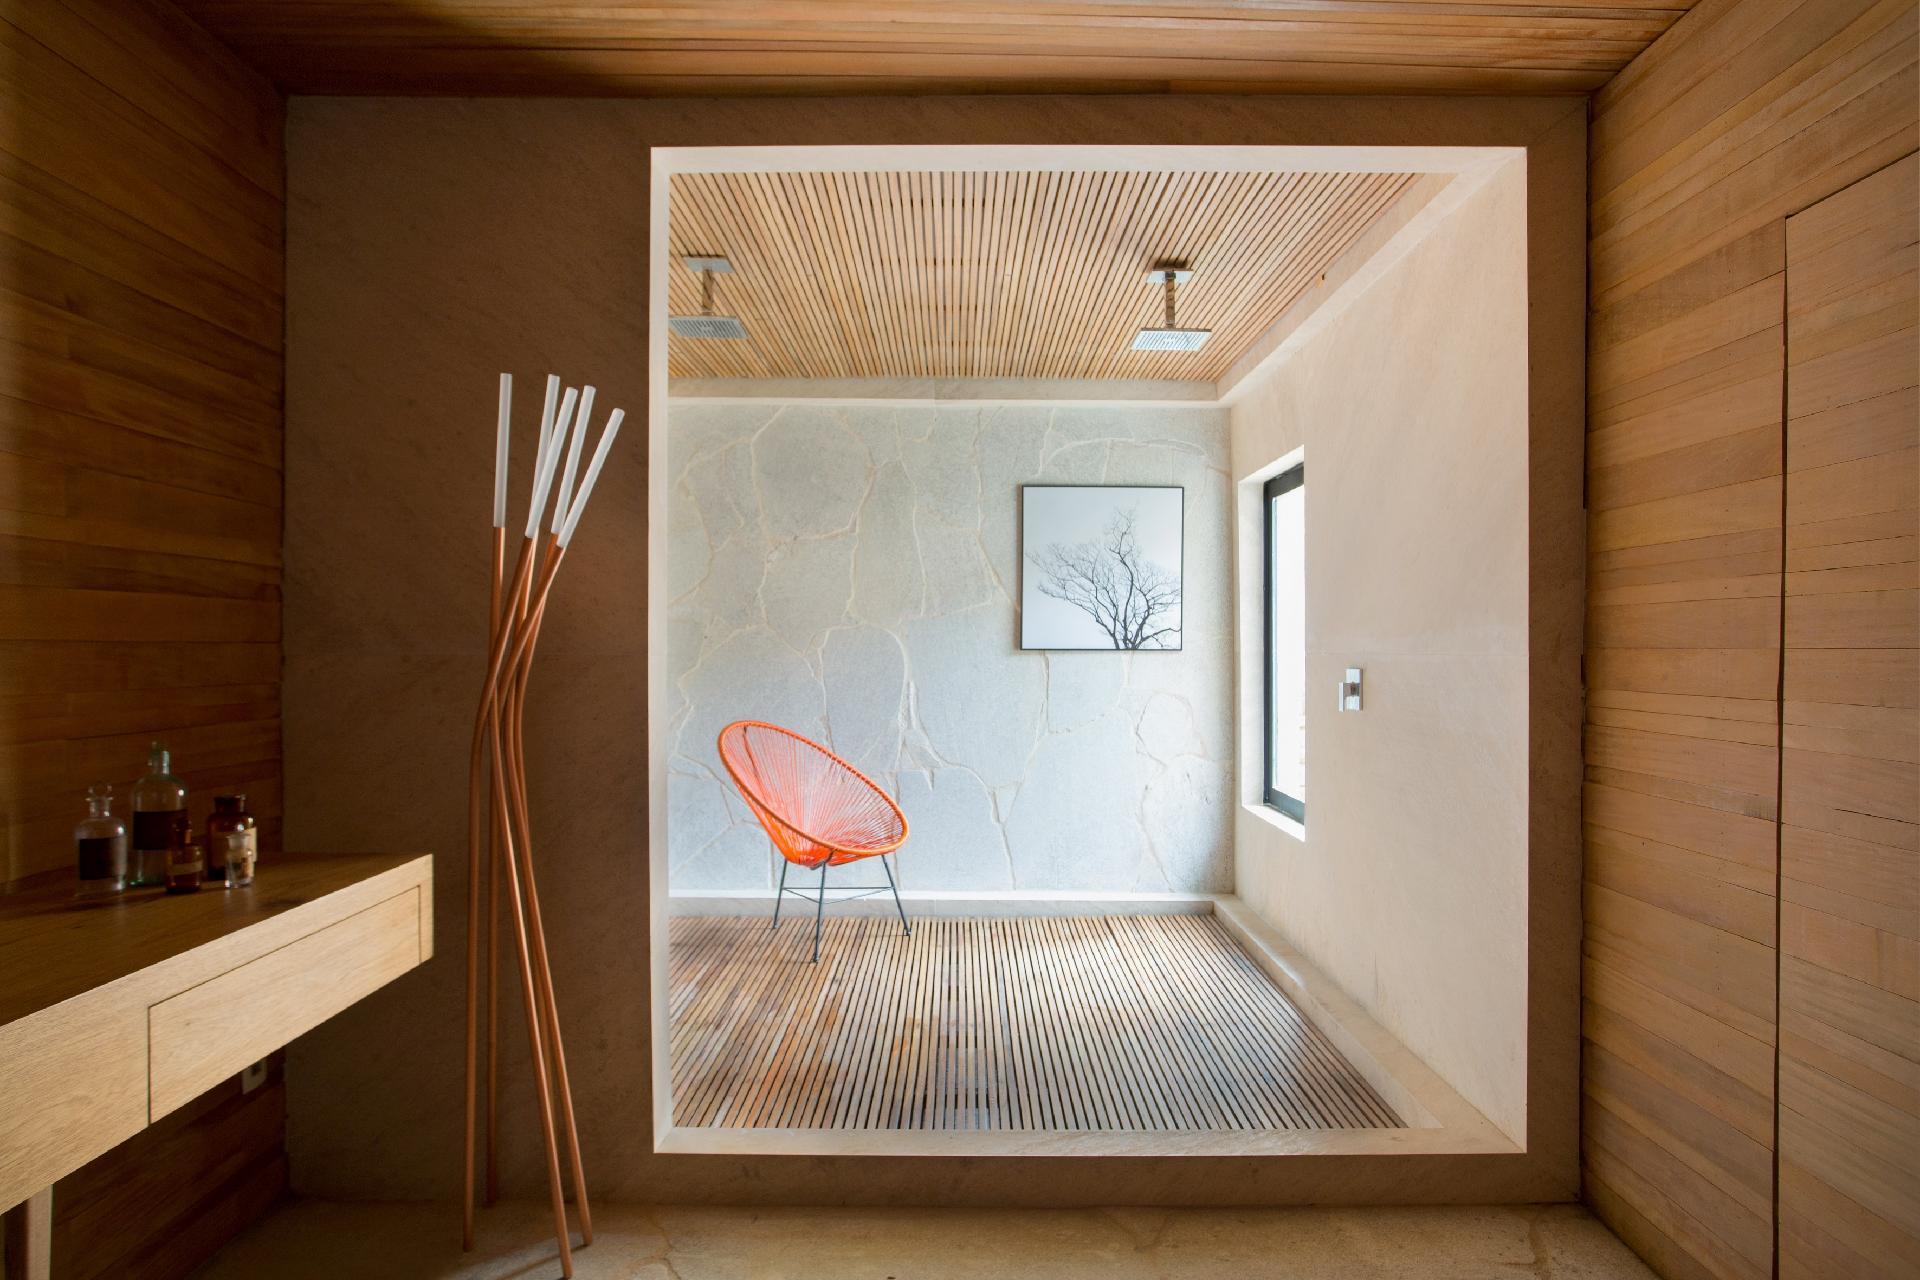 Banheiros: sugestões para decoração tendo muito ou pouco espaço  #412108 1920 1280